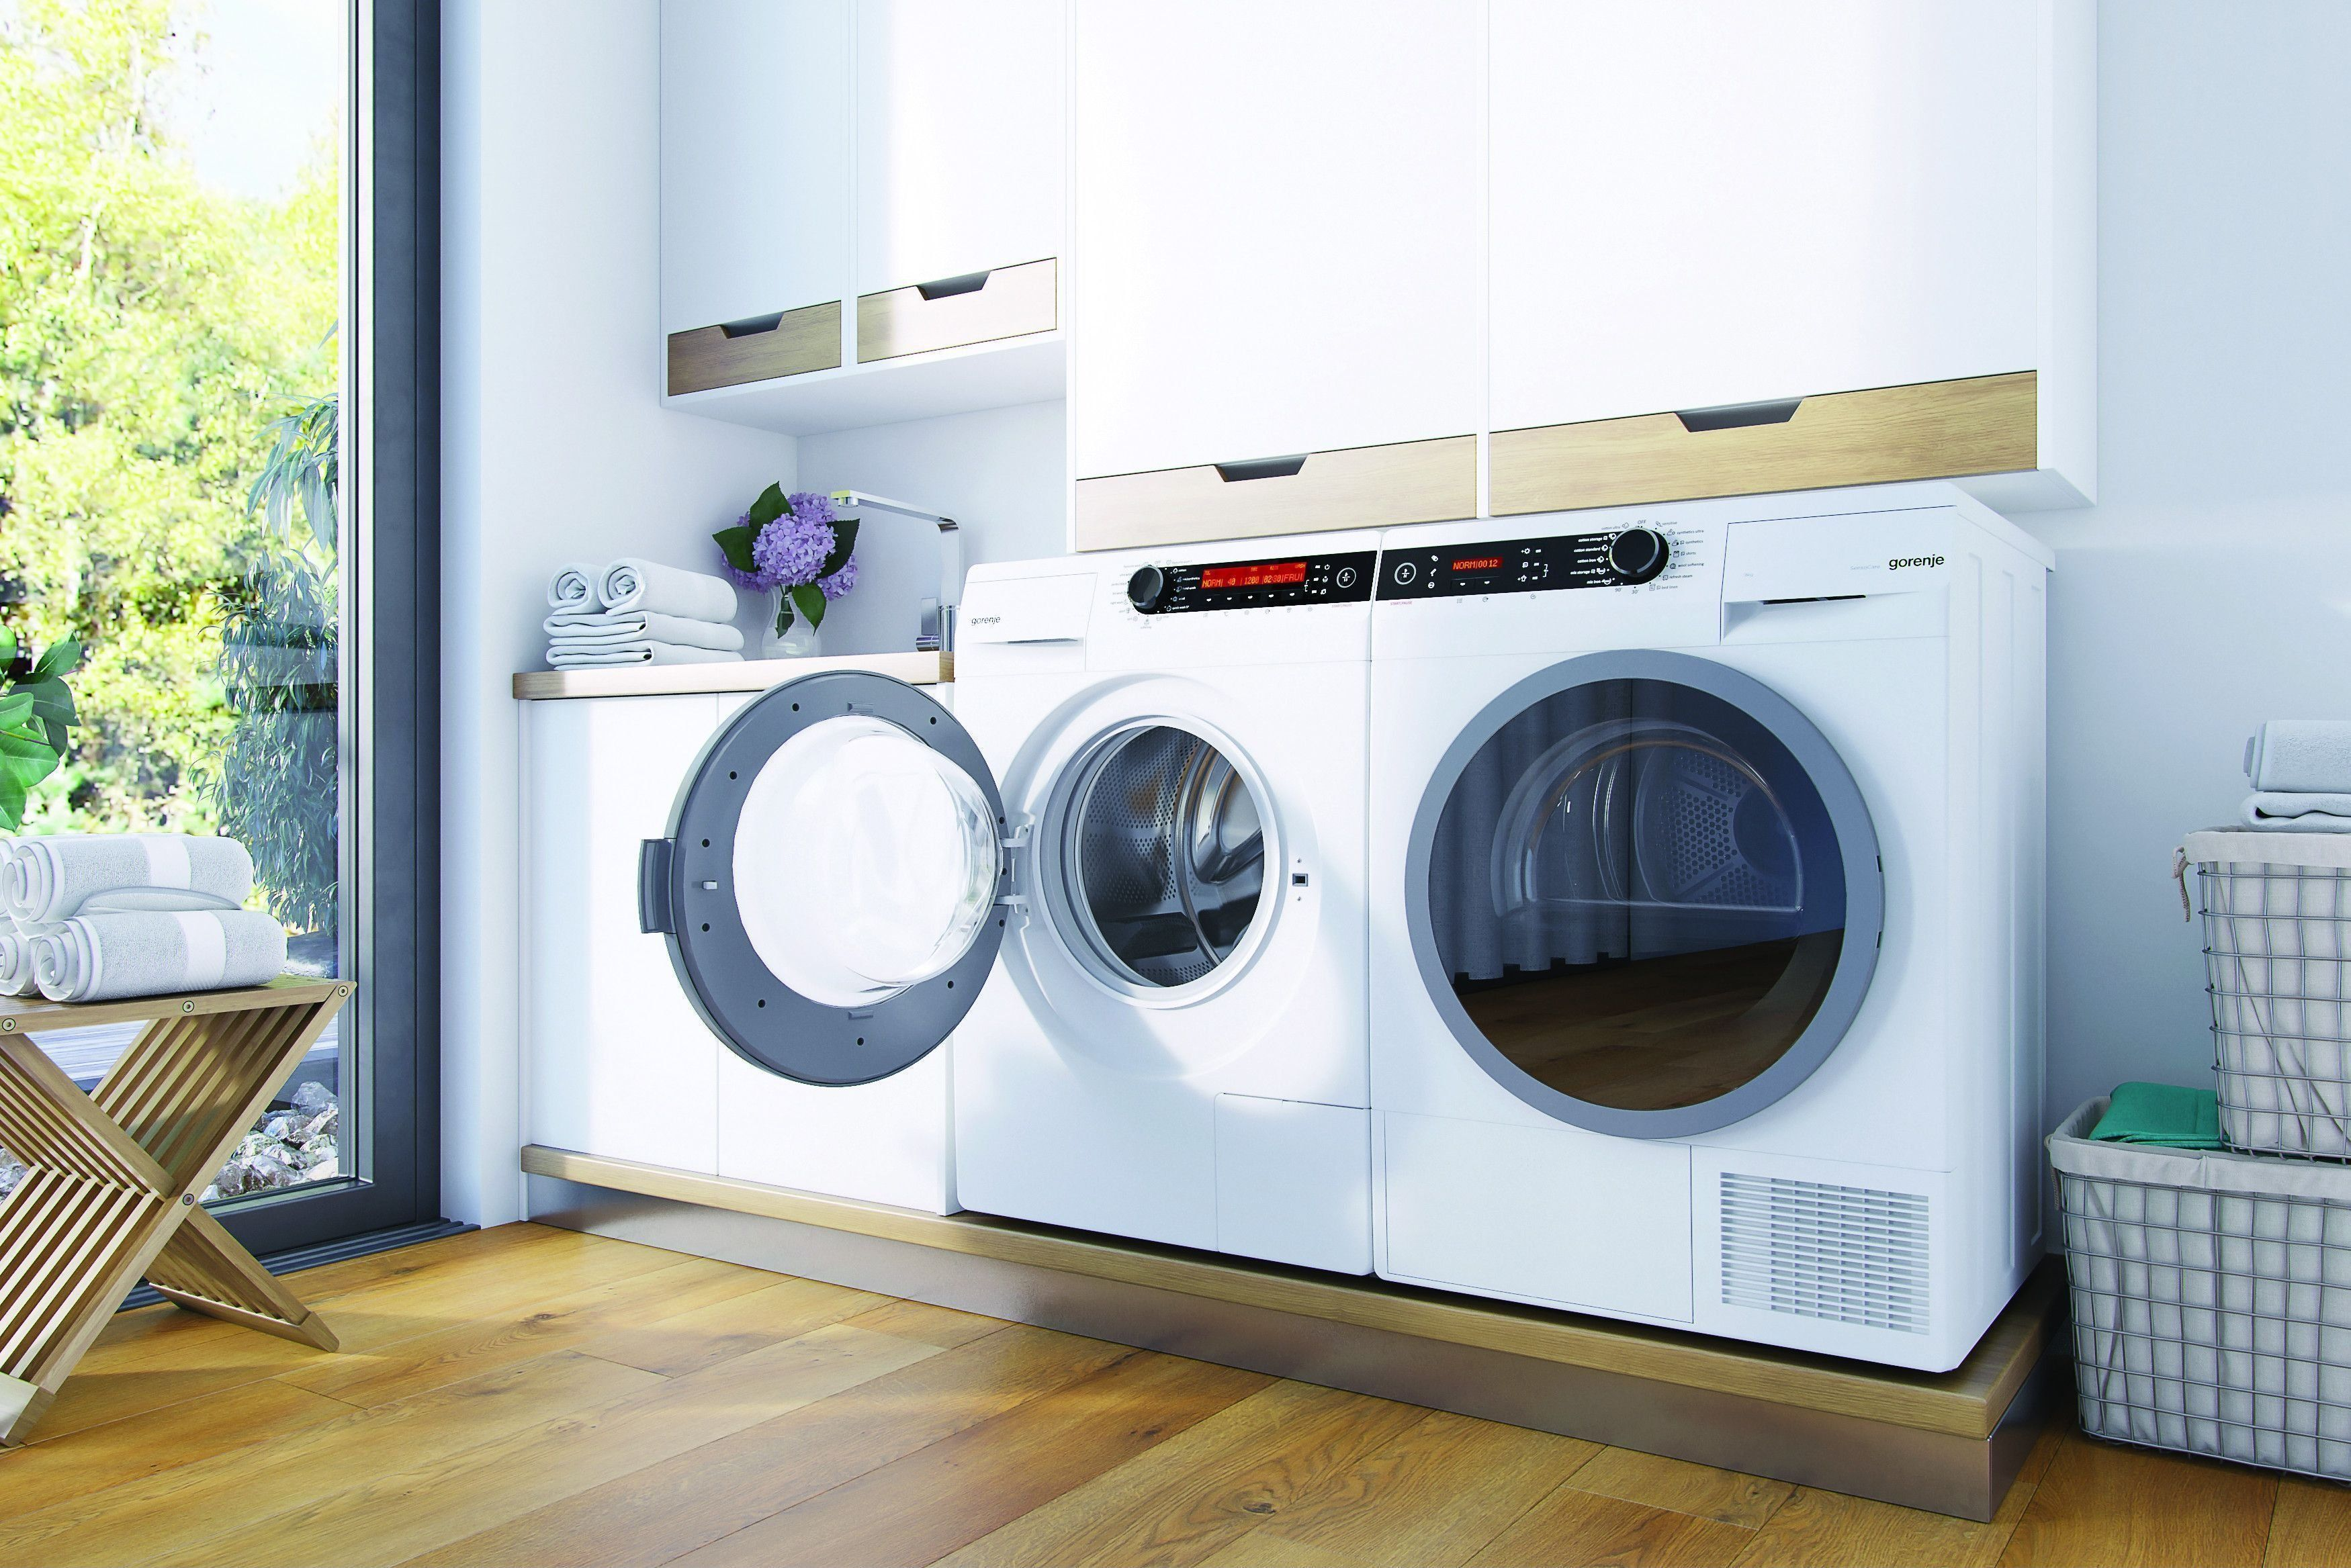 Рейтинг лучших стиральных машин Gorenje в 2021 году